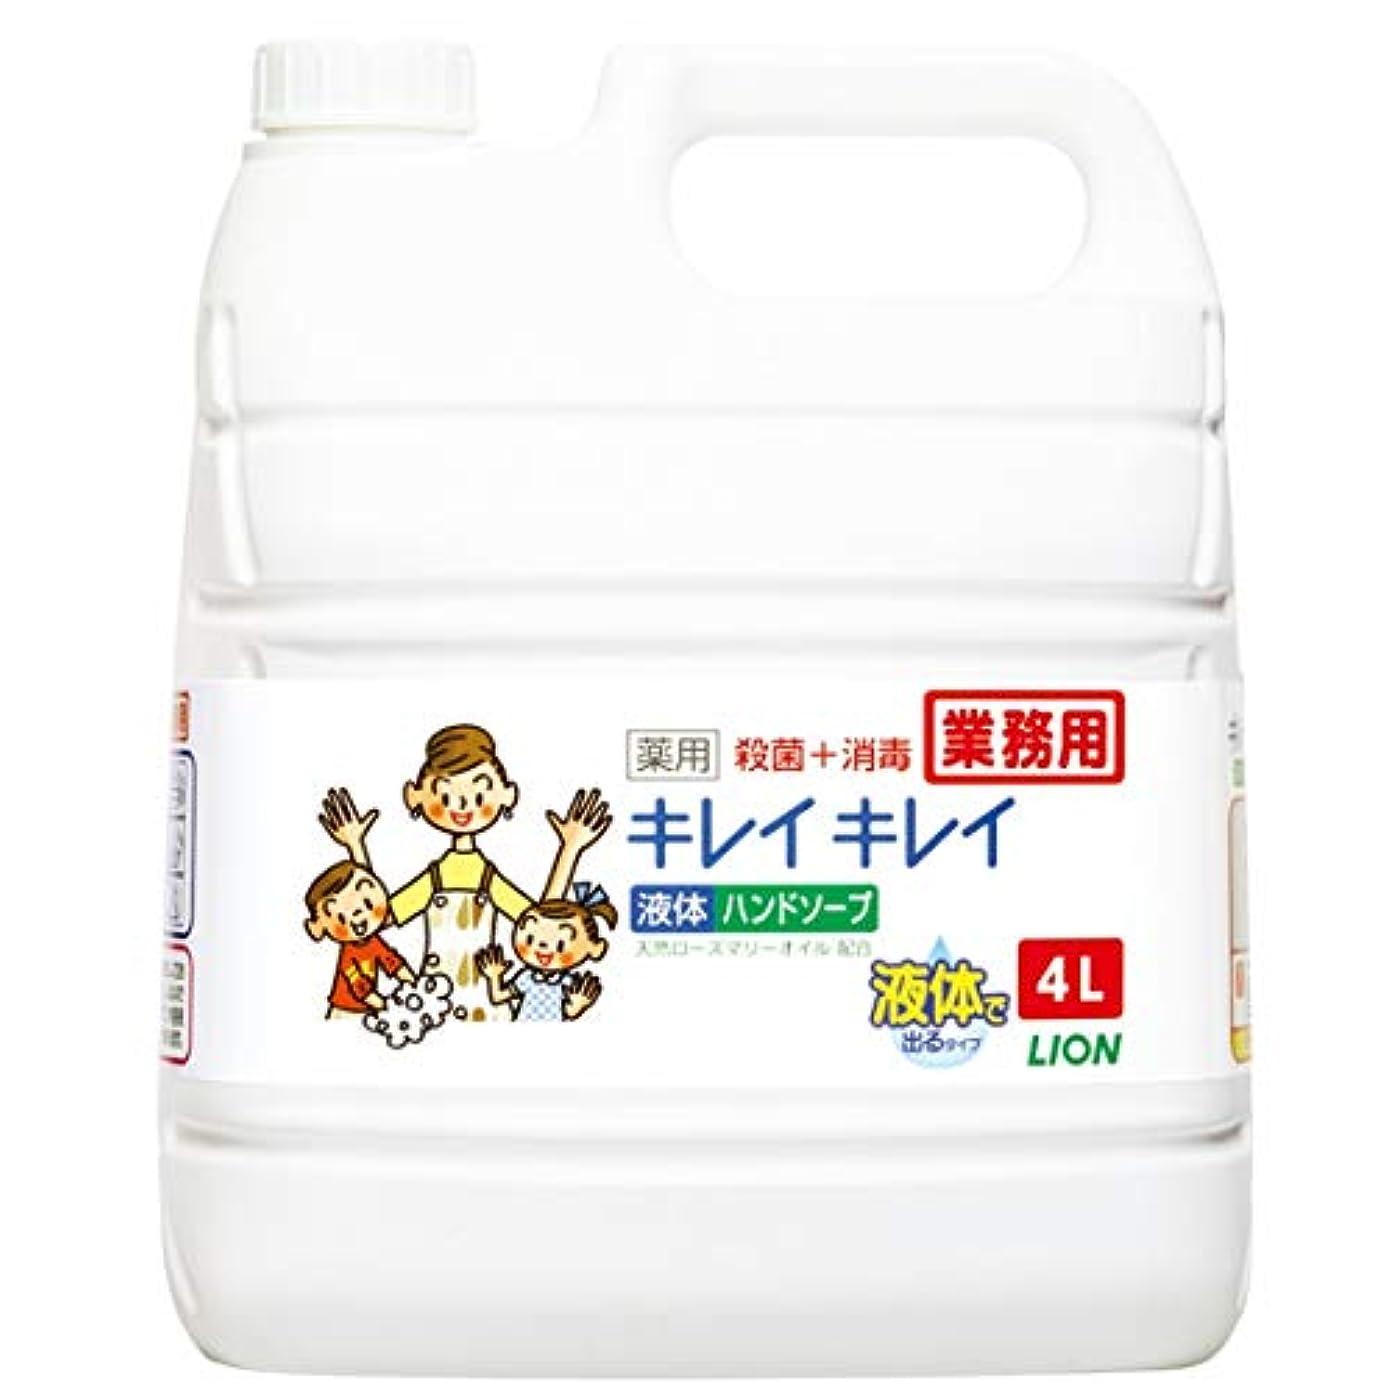 ページェント刈る通常【業務用 大容量】キレイキレイ 薬用 ハンドソープ  4L(医薬部外品)